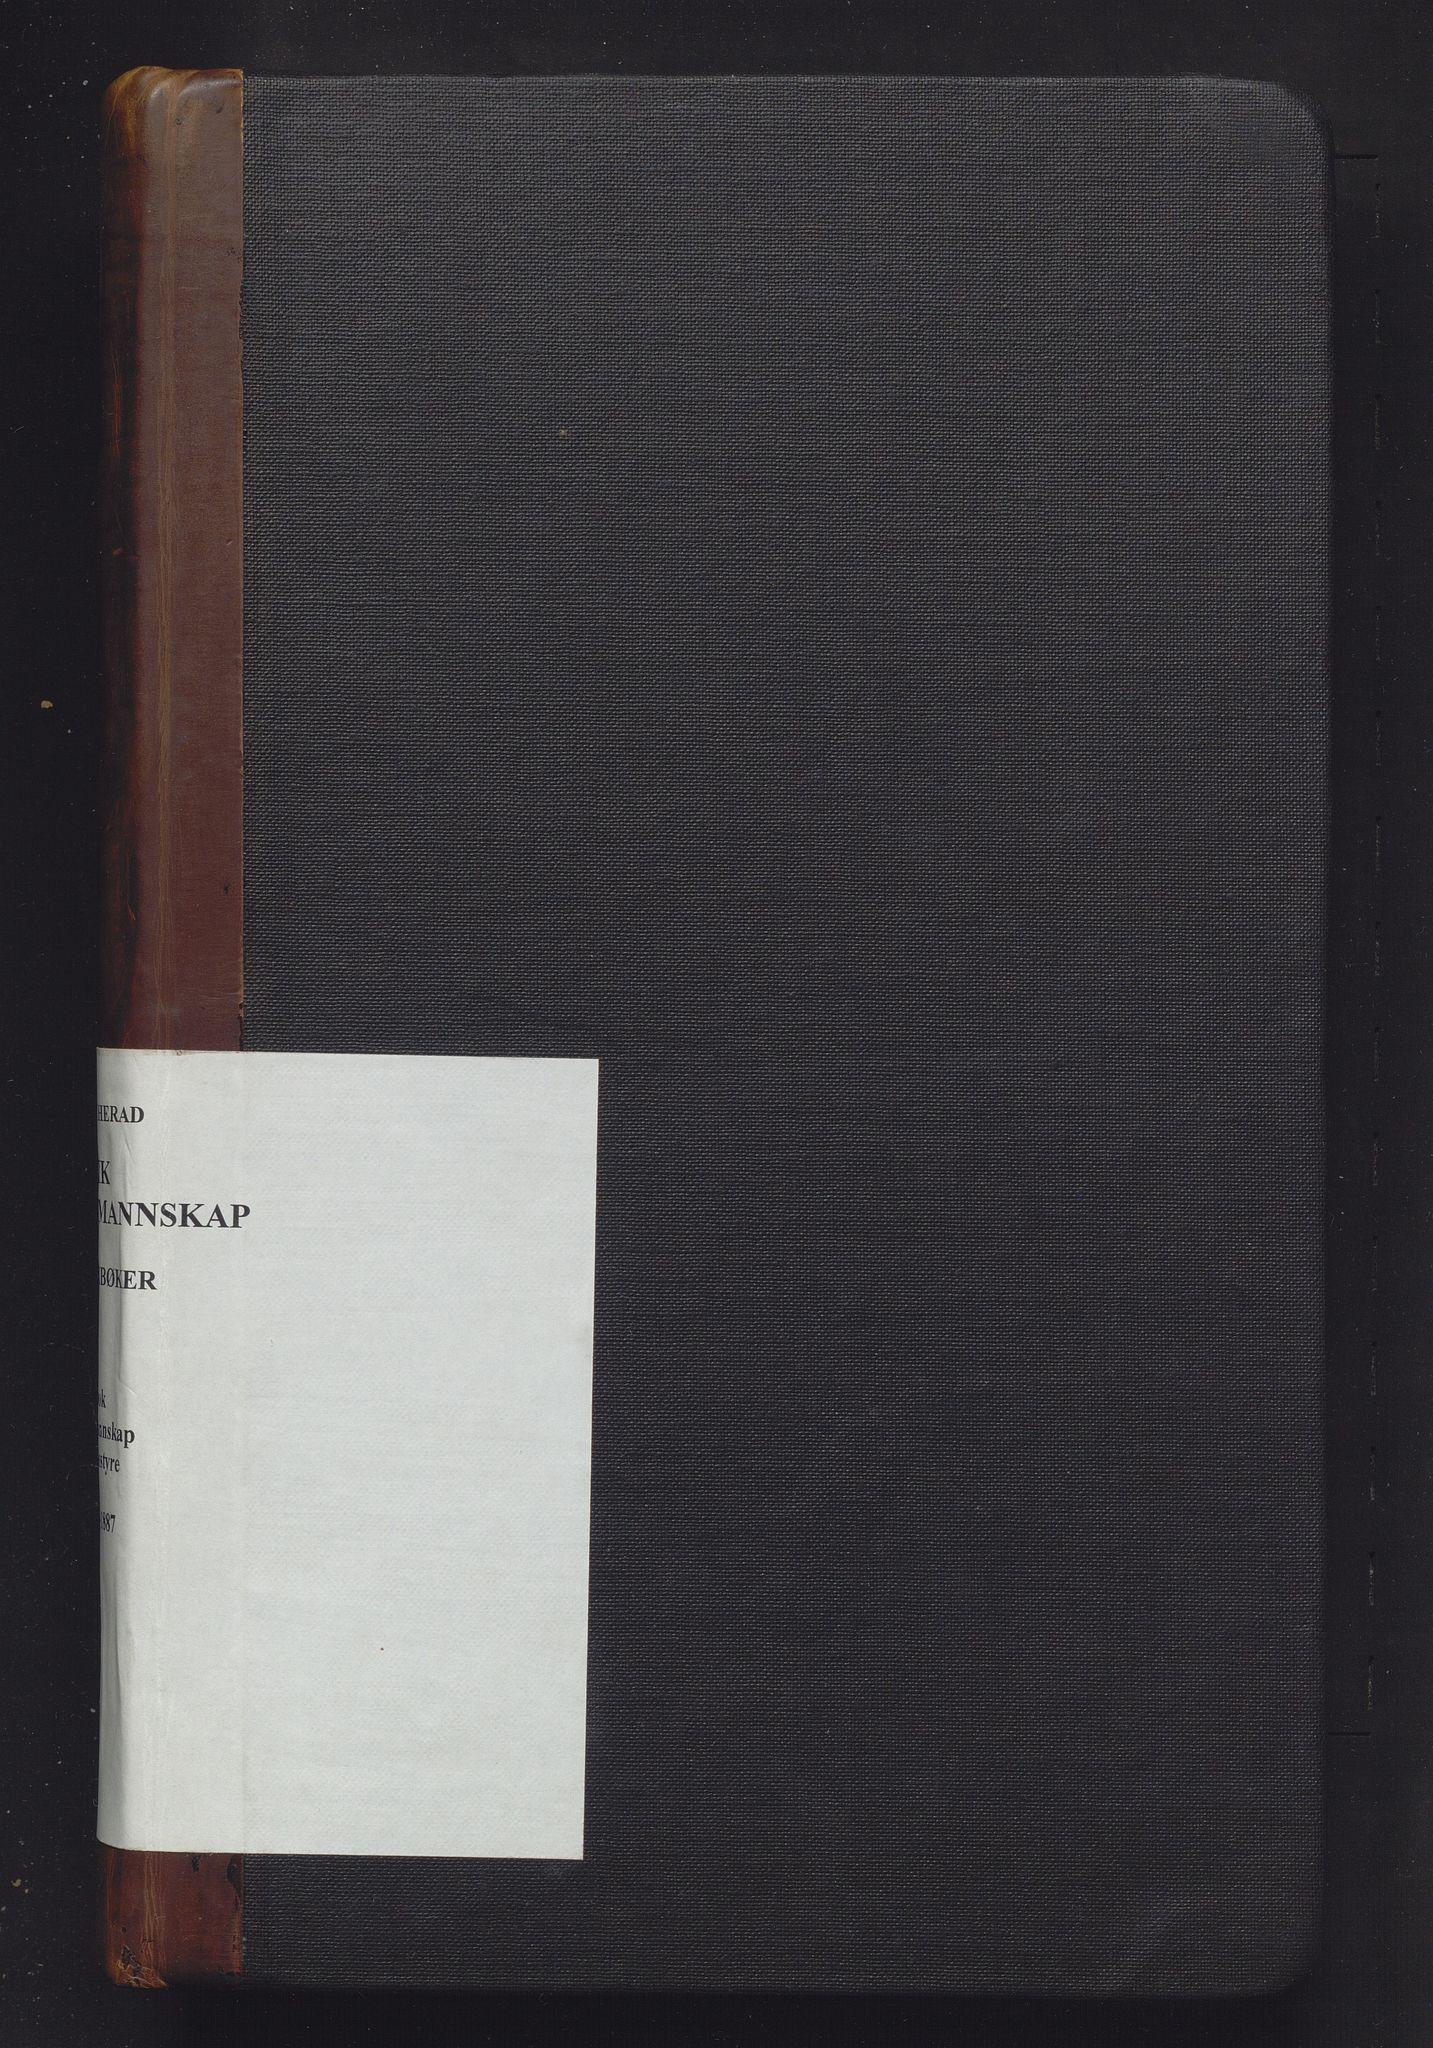 IKAH, Ulvik herad. Formannskapet, A/Aa/Aaa/L0003: Møtebok for formannskap, heradsstyre og soknestyra i Eidfjord, Graven og Ulvik soknekommunar, 1873-1887